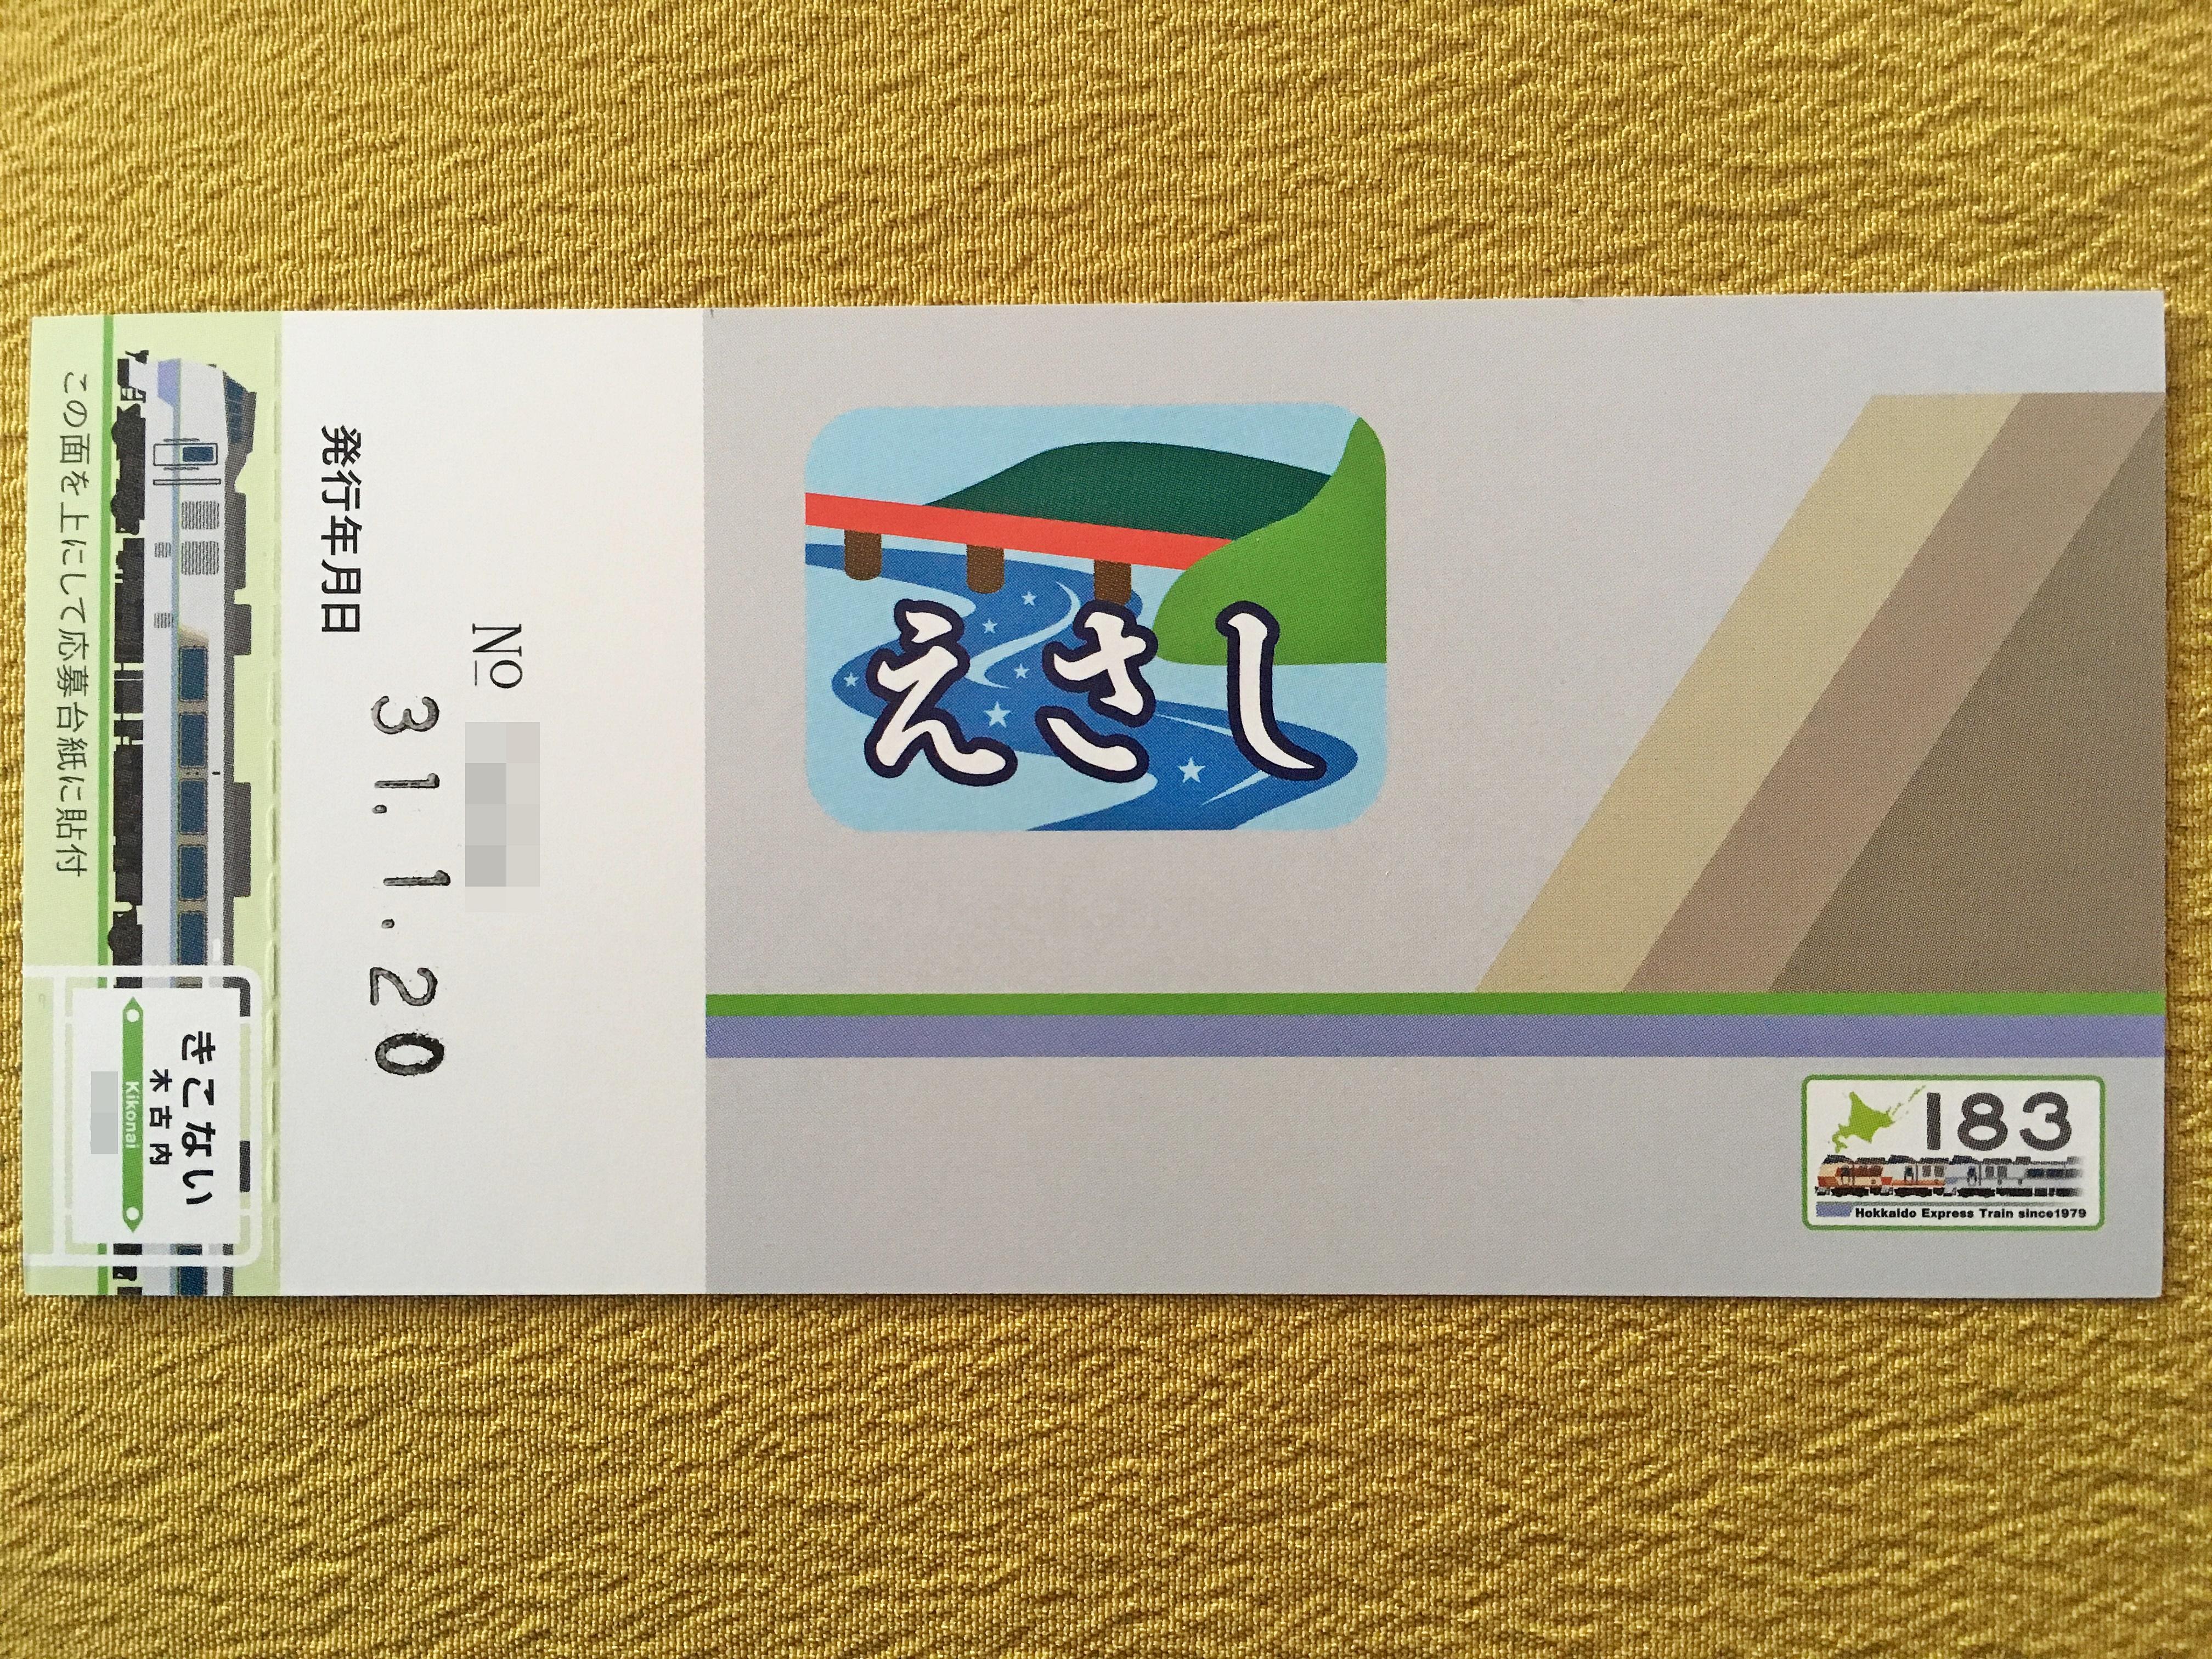 キハ183-0系記念入場券 木古内駅裏.JPG